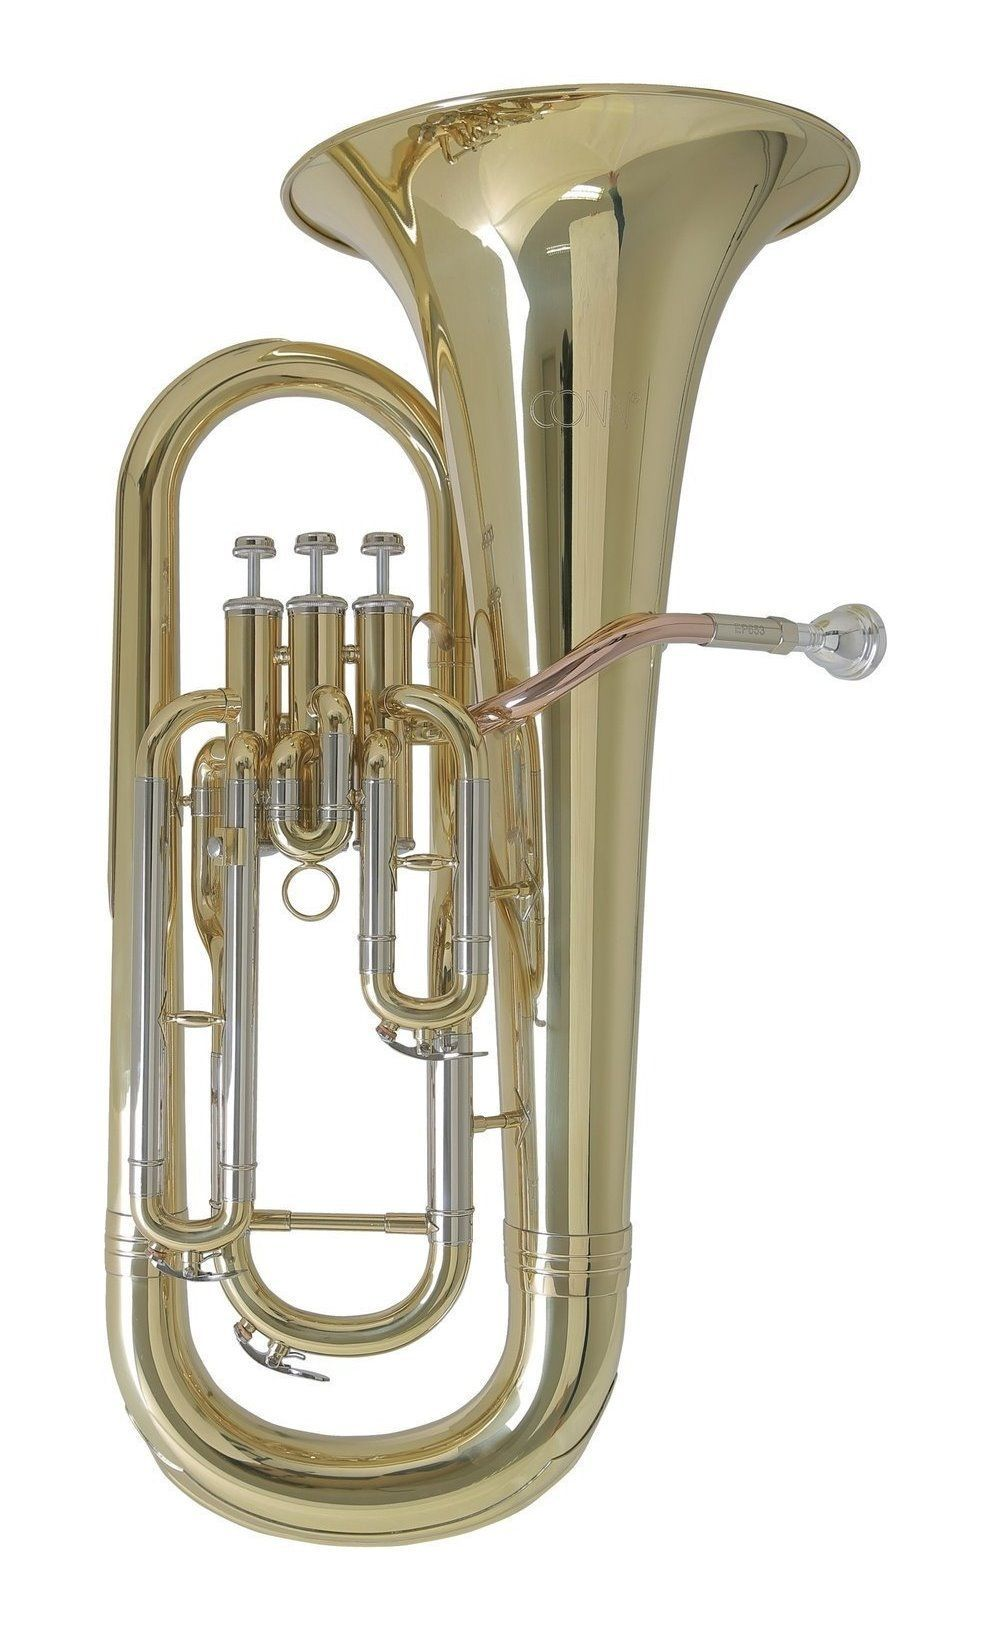 Conn EP-653 Bb-Euphonium, 14,5mm / 16,80mm Doppelbohrung, 3 Ventile,  incl.Etui